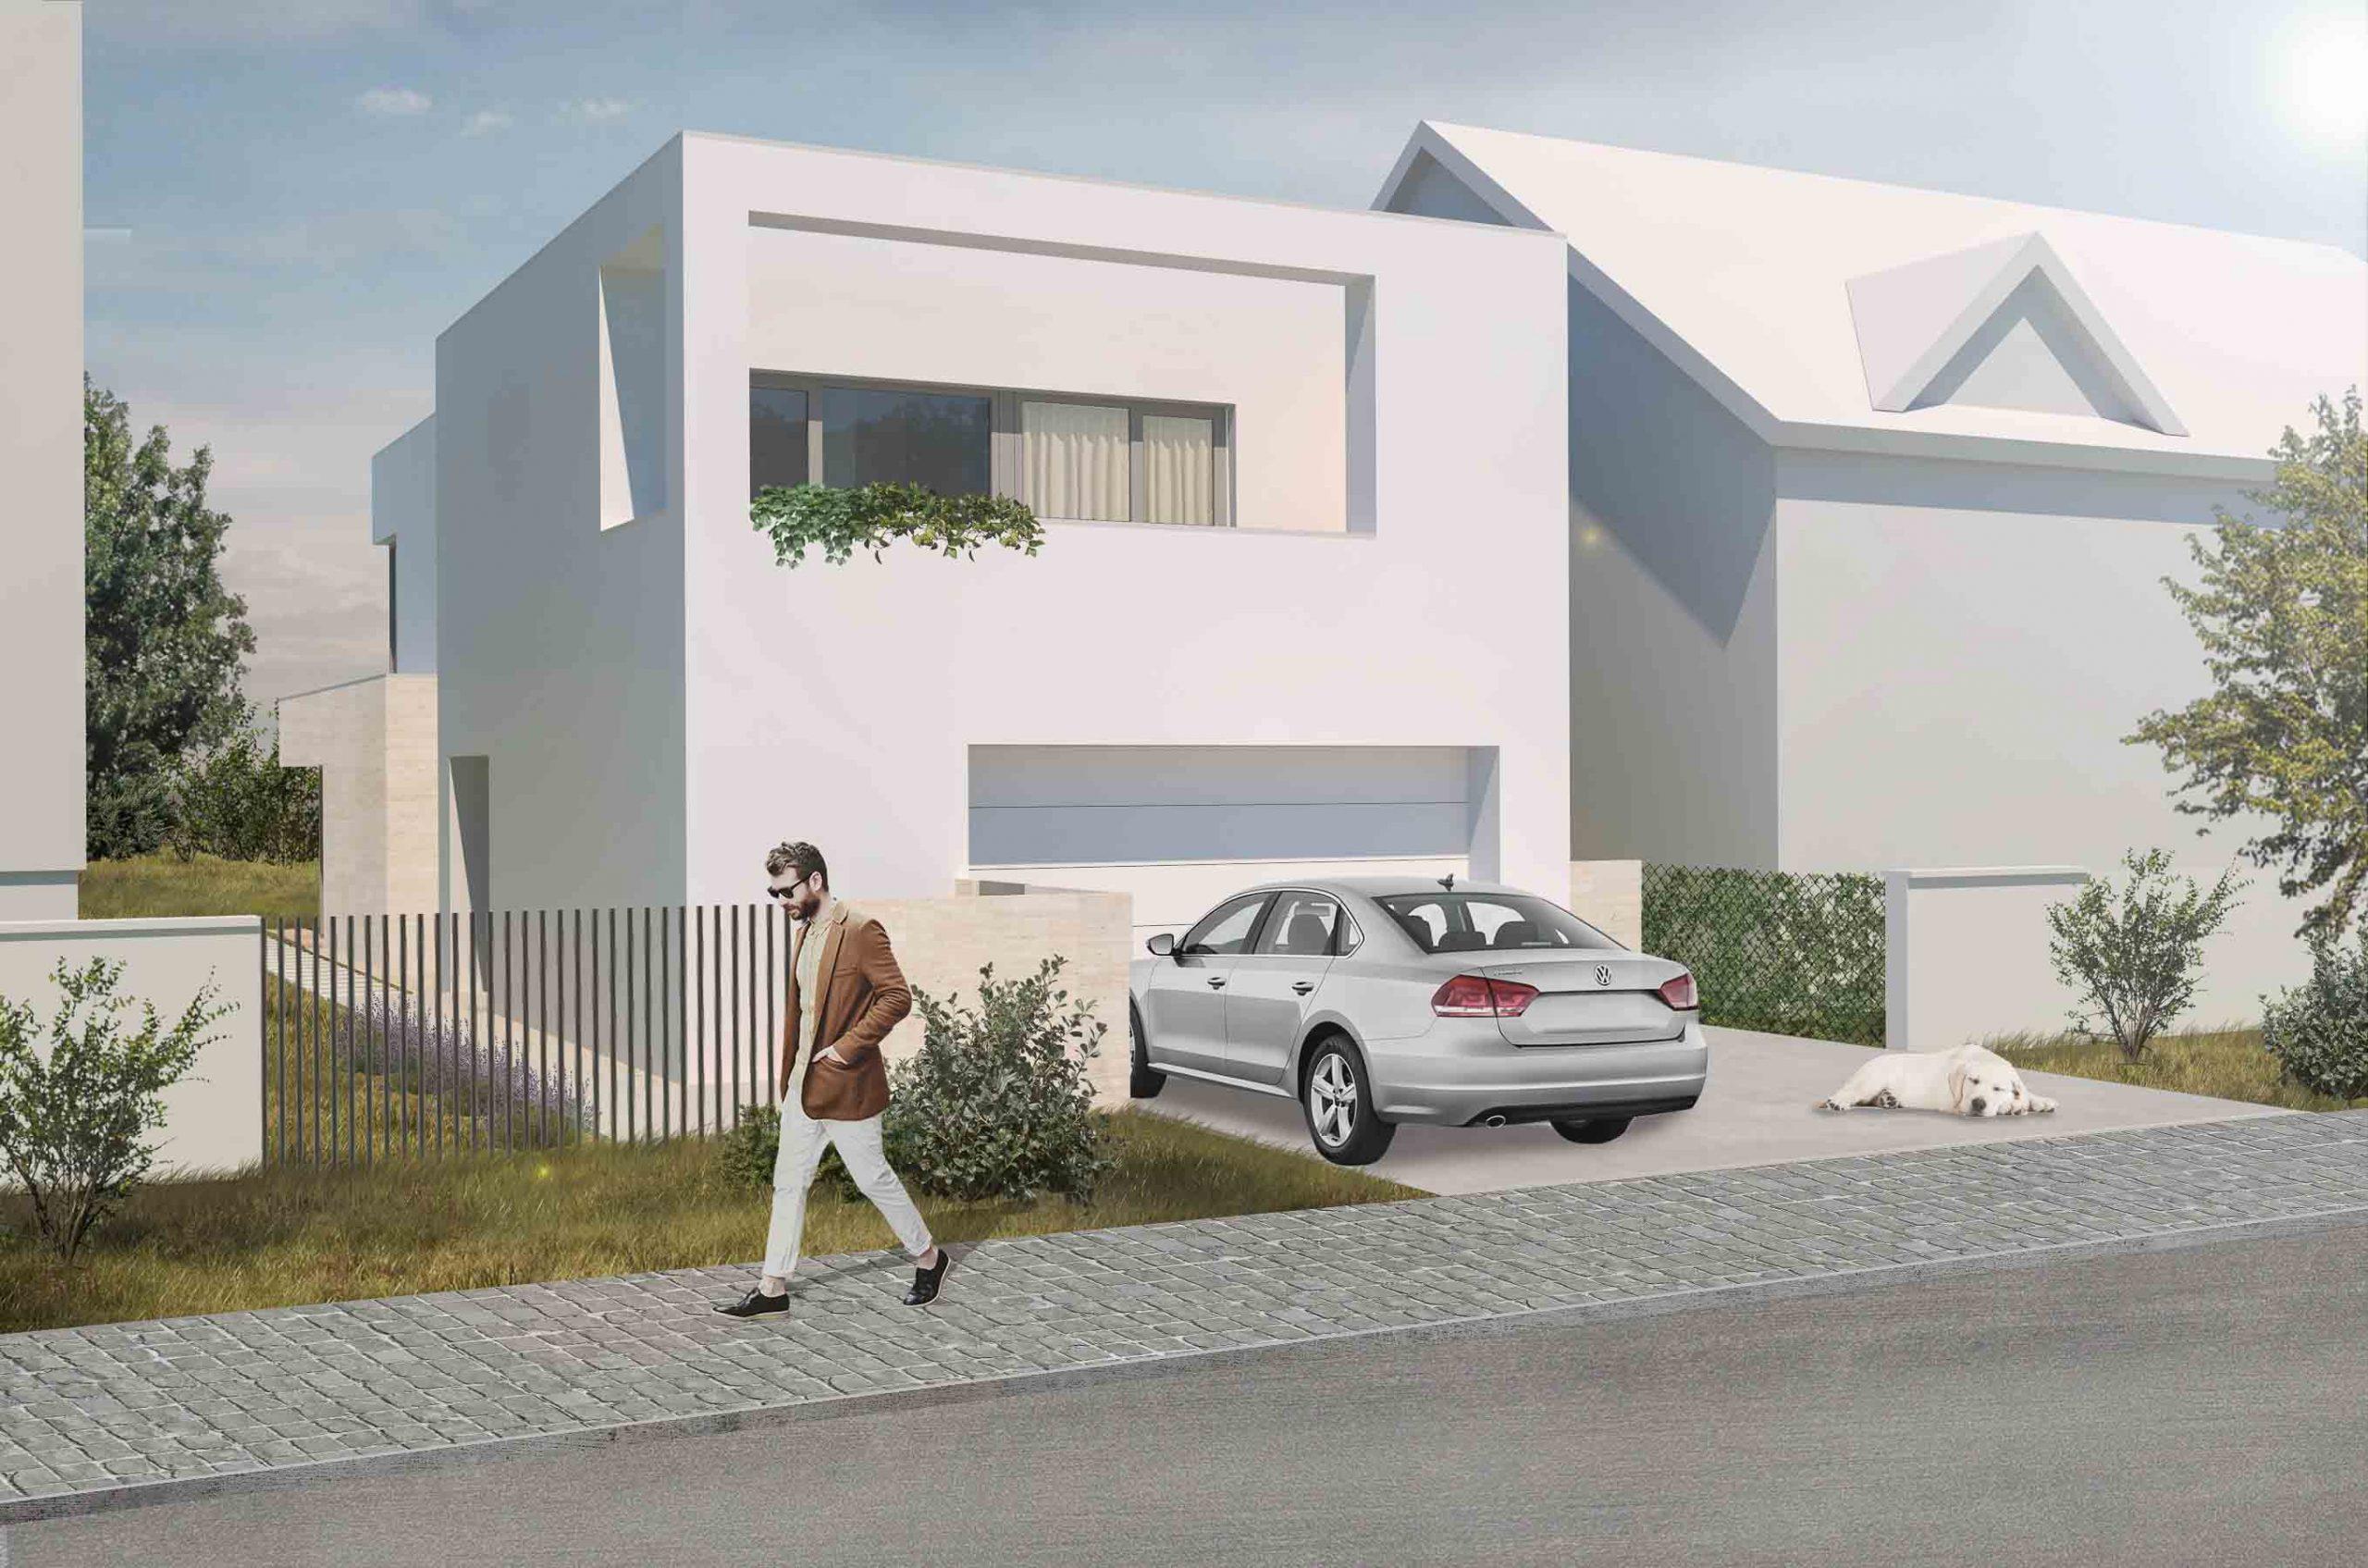 Návrh rodinného domu, Piešťany, ulica, VAUarchitects